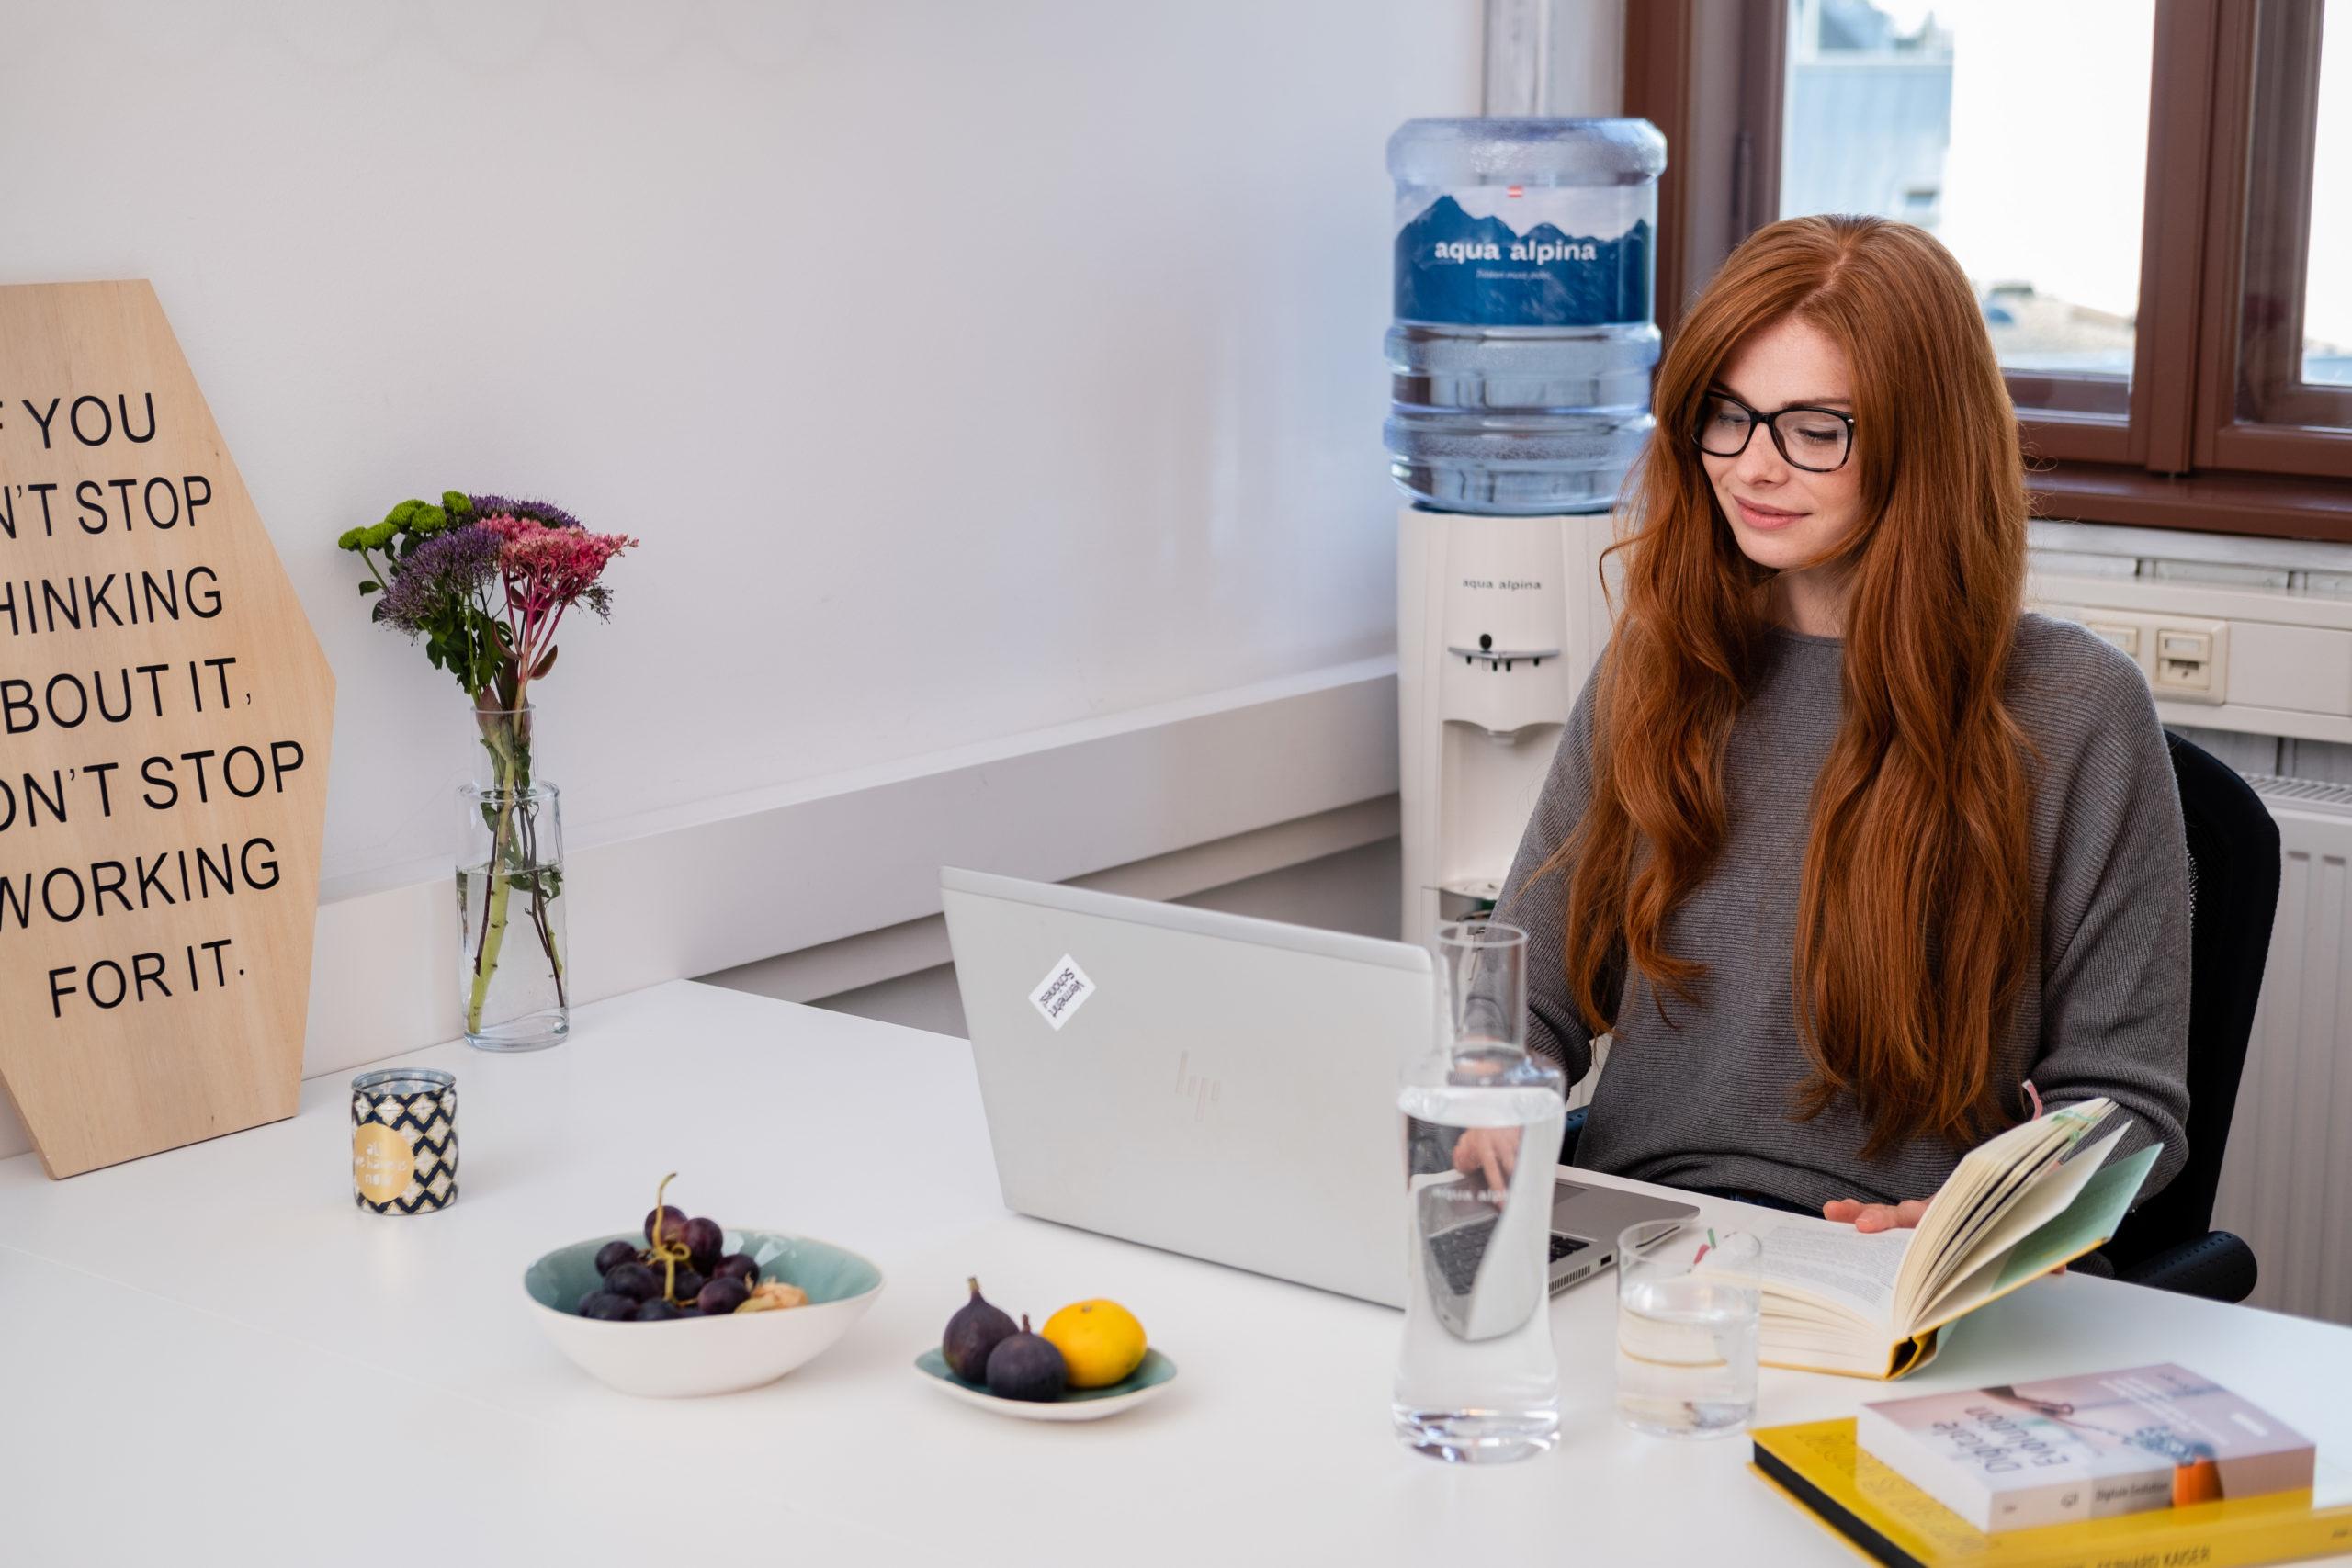 Frau Mit Roten Haaren Im Büro Mit Wasserspender Im Hintergrund